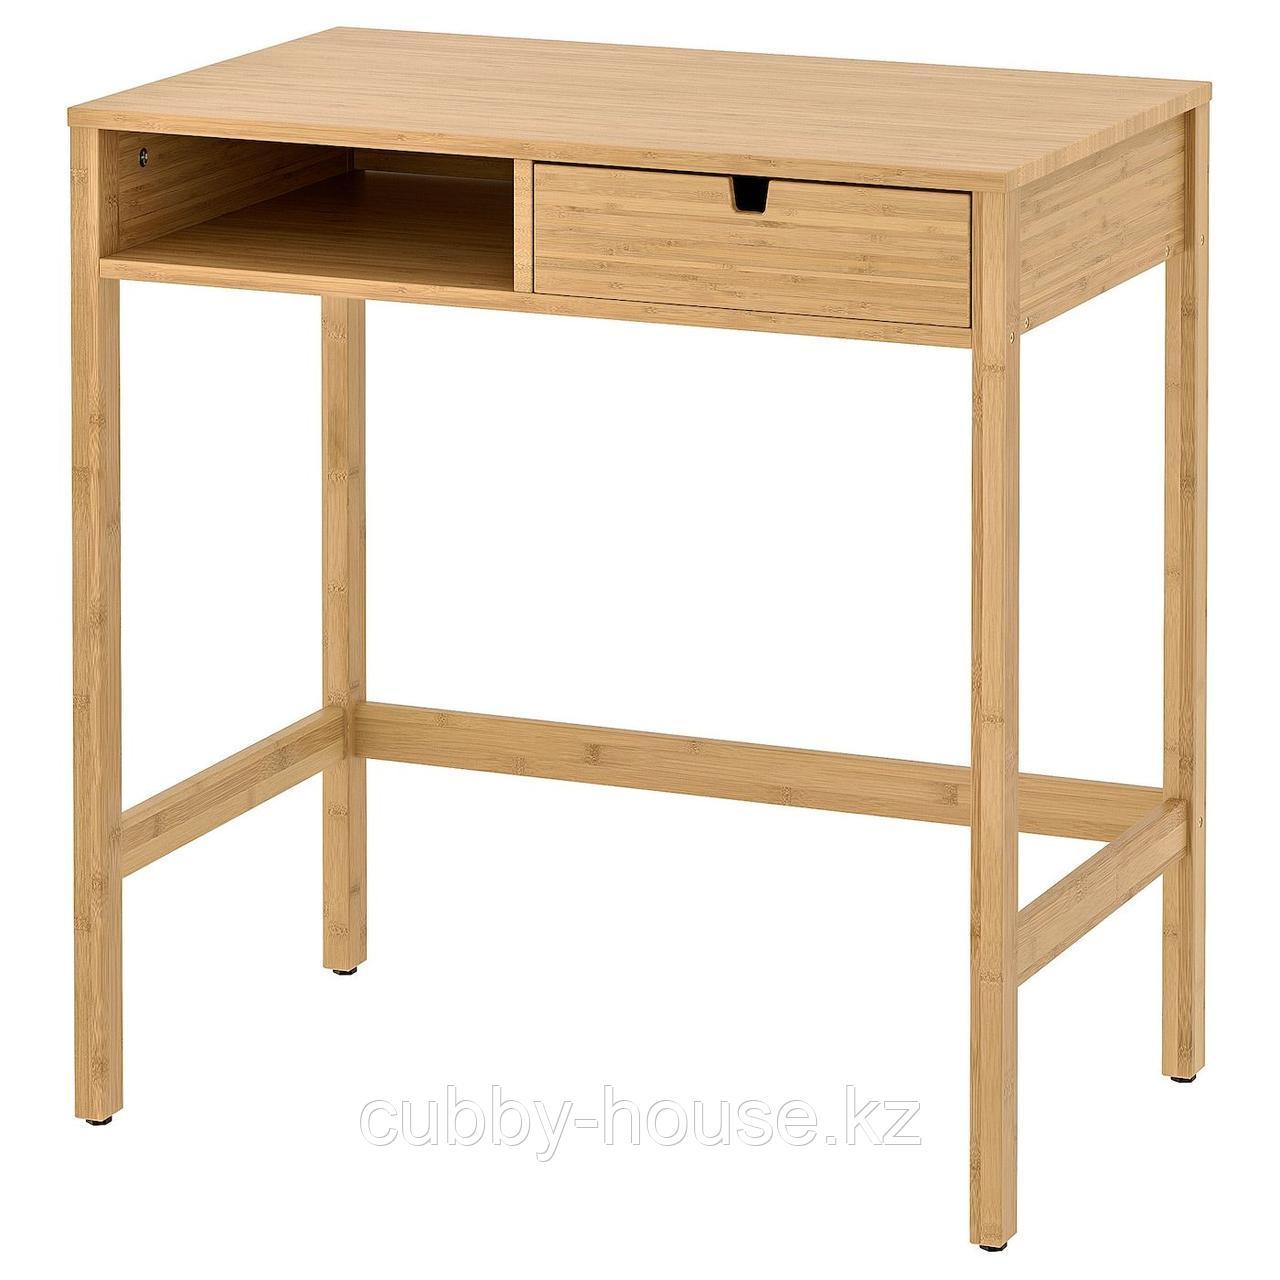 НОРДКИЗА Туалетный столик, бамбук, 76x47 см